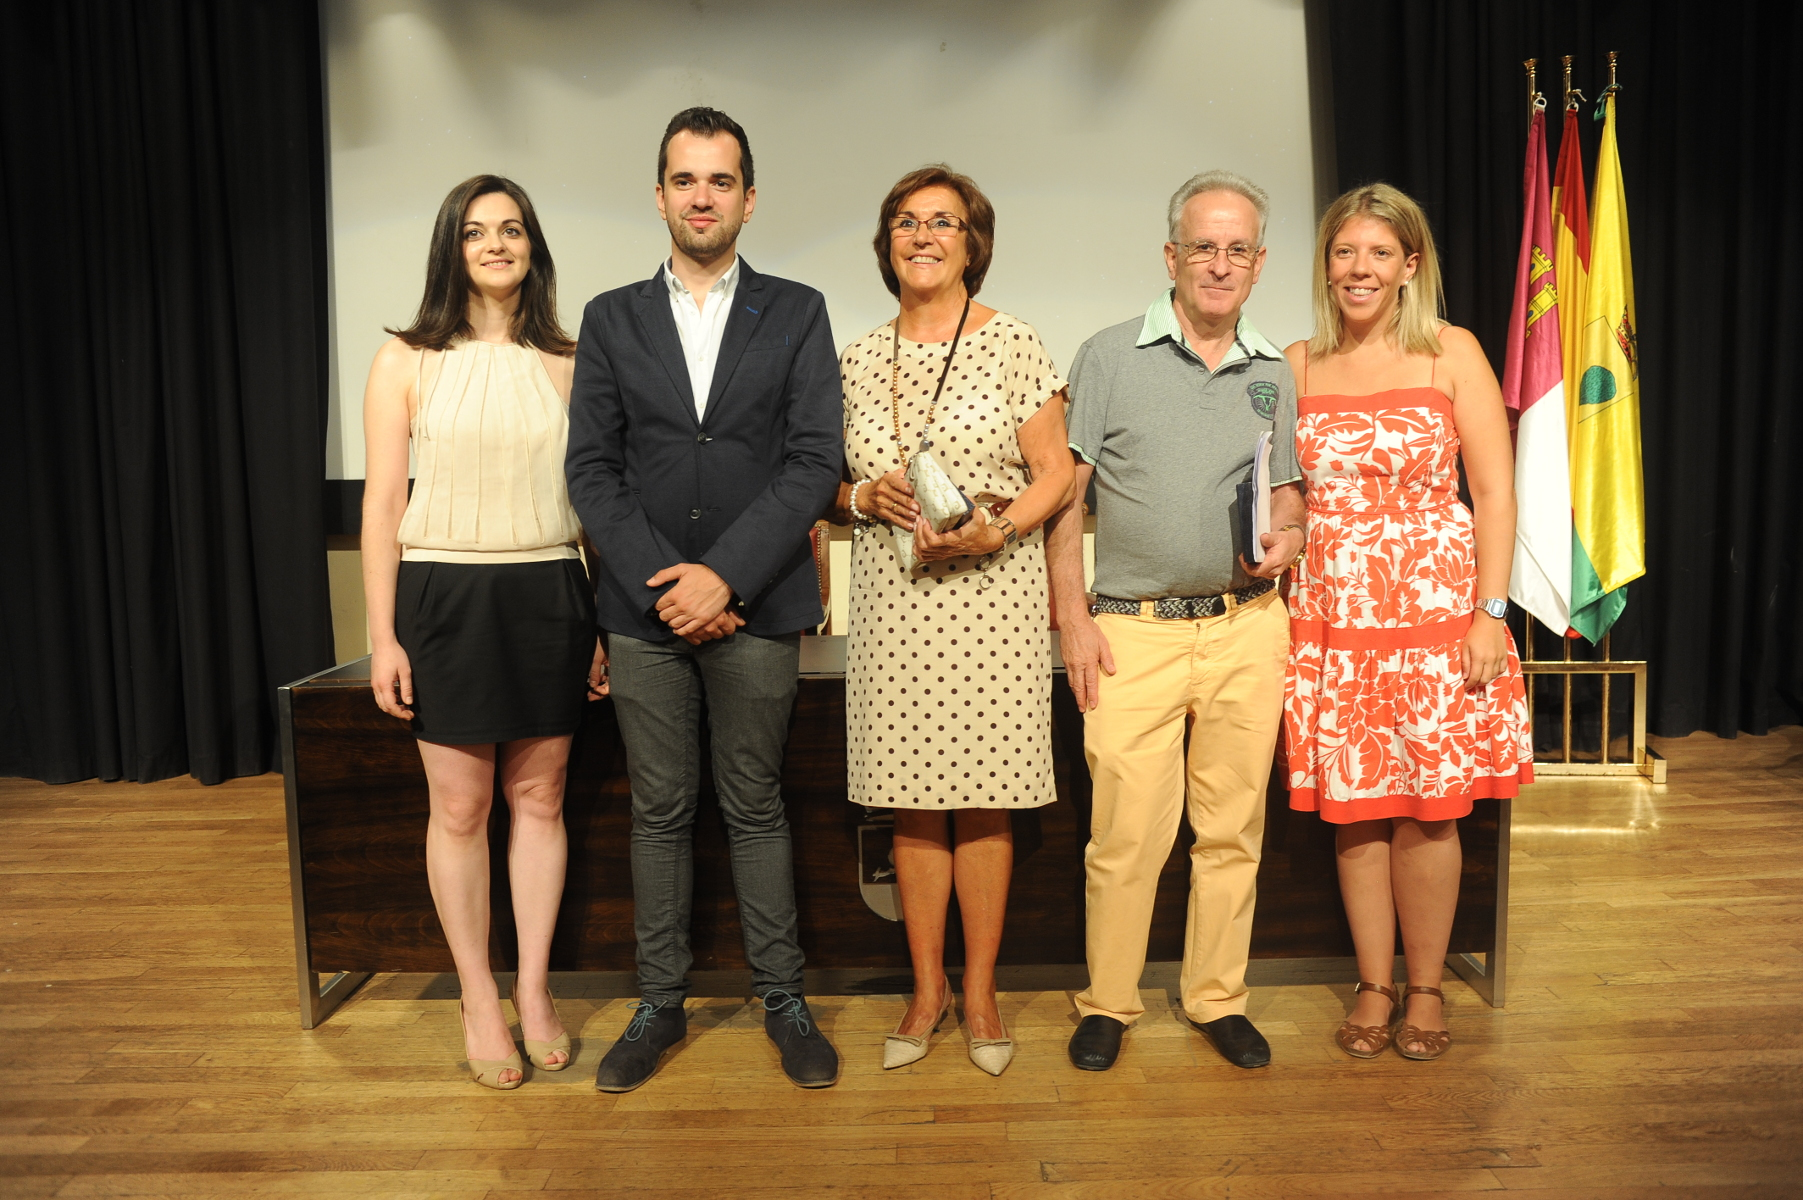 Tomelloso homenajea a sus ausentes representados este año en Francisca Márquez y Ramón González